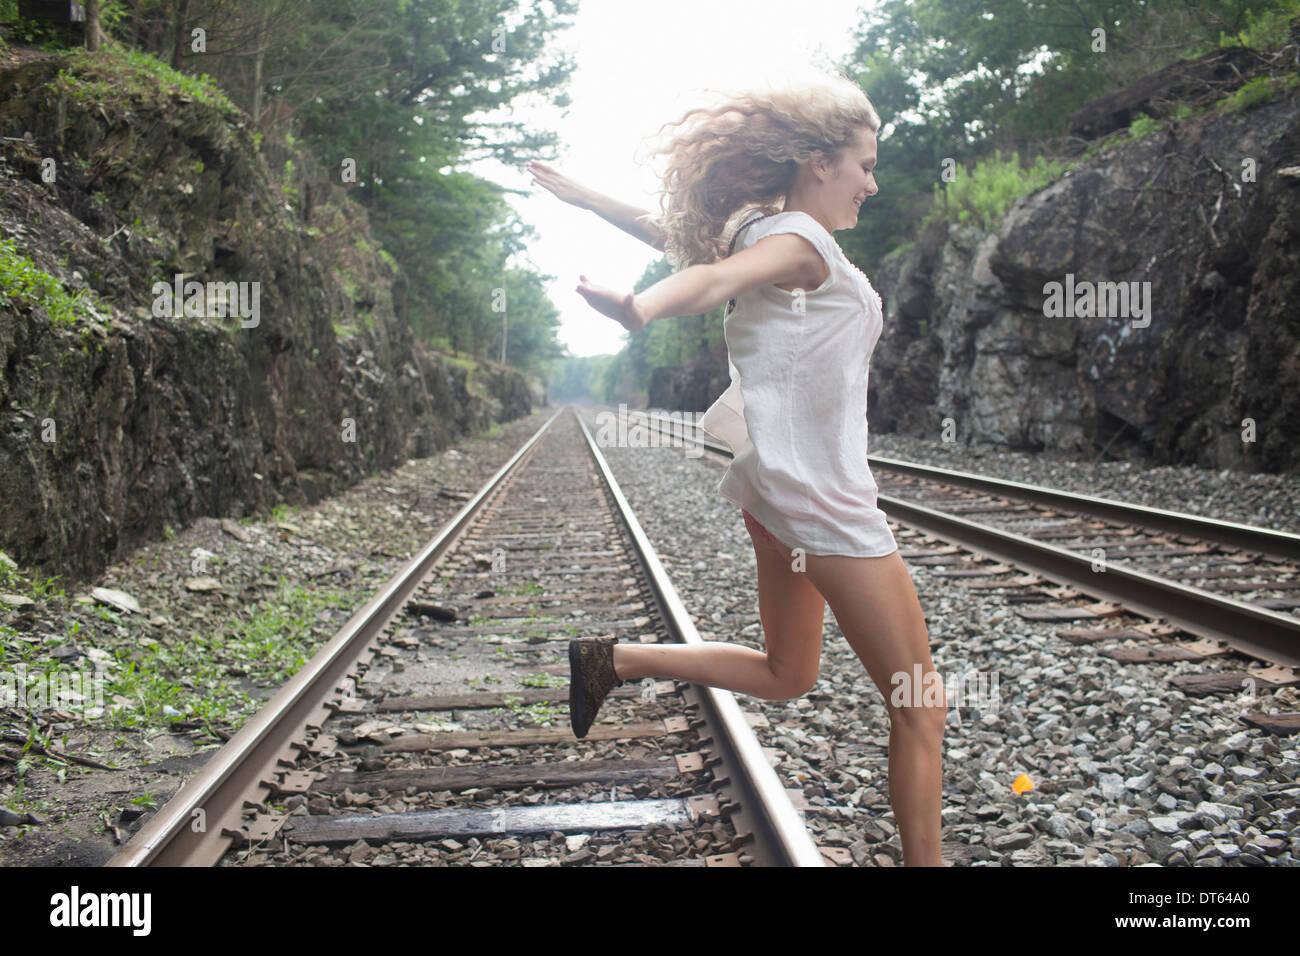 Adolescente saltando por vía férrea Imagen De Stock